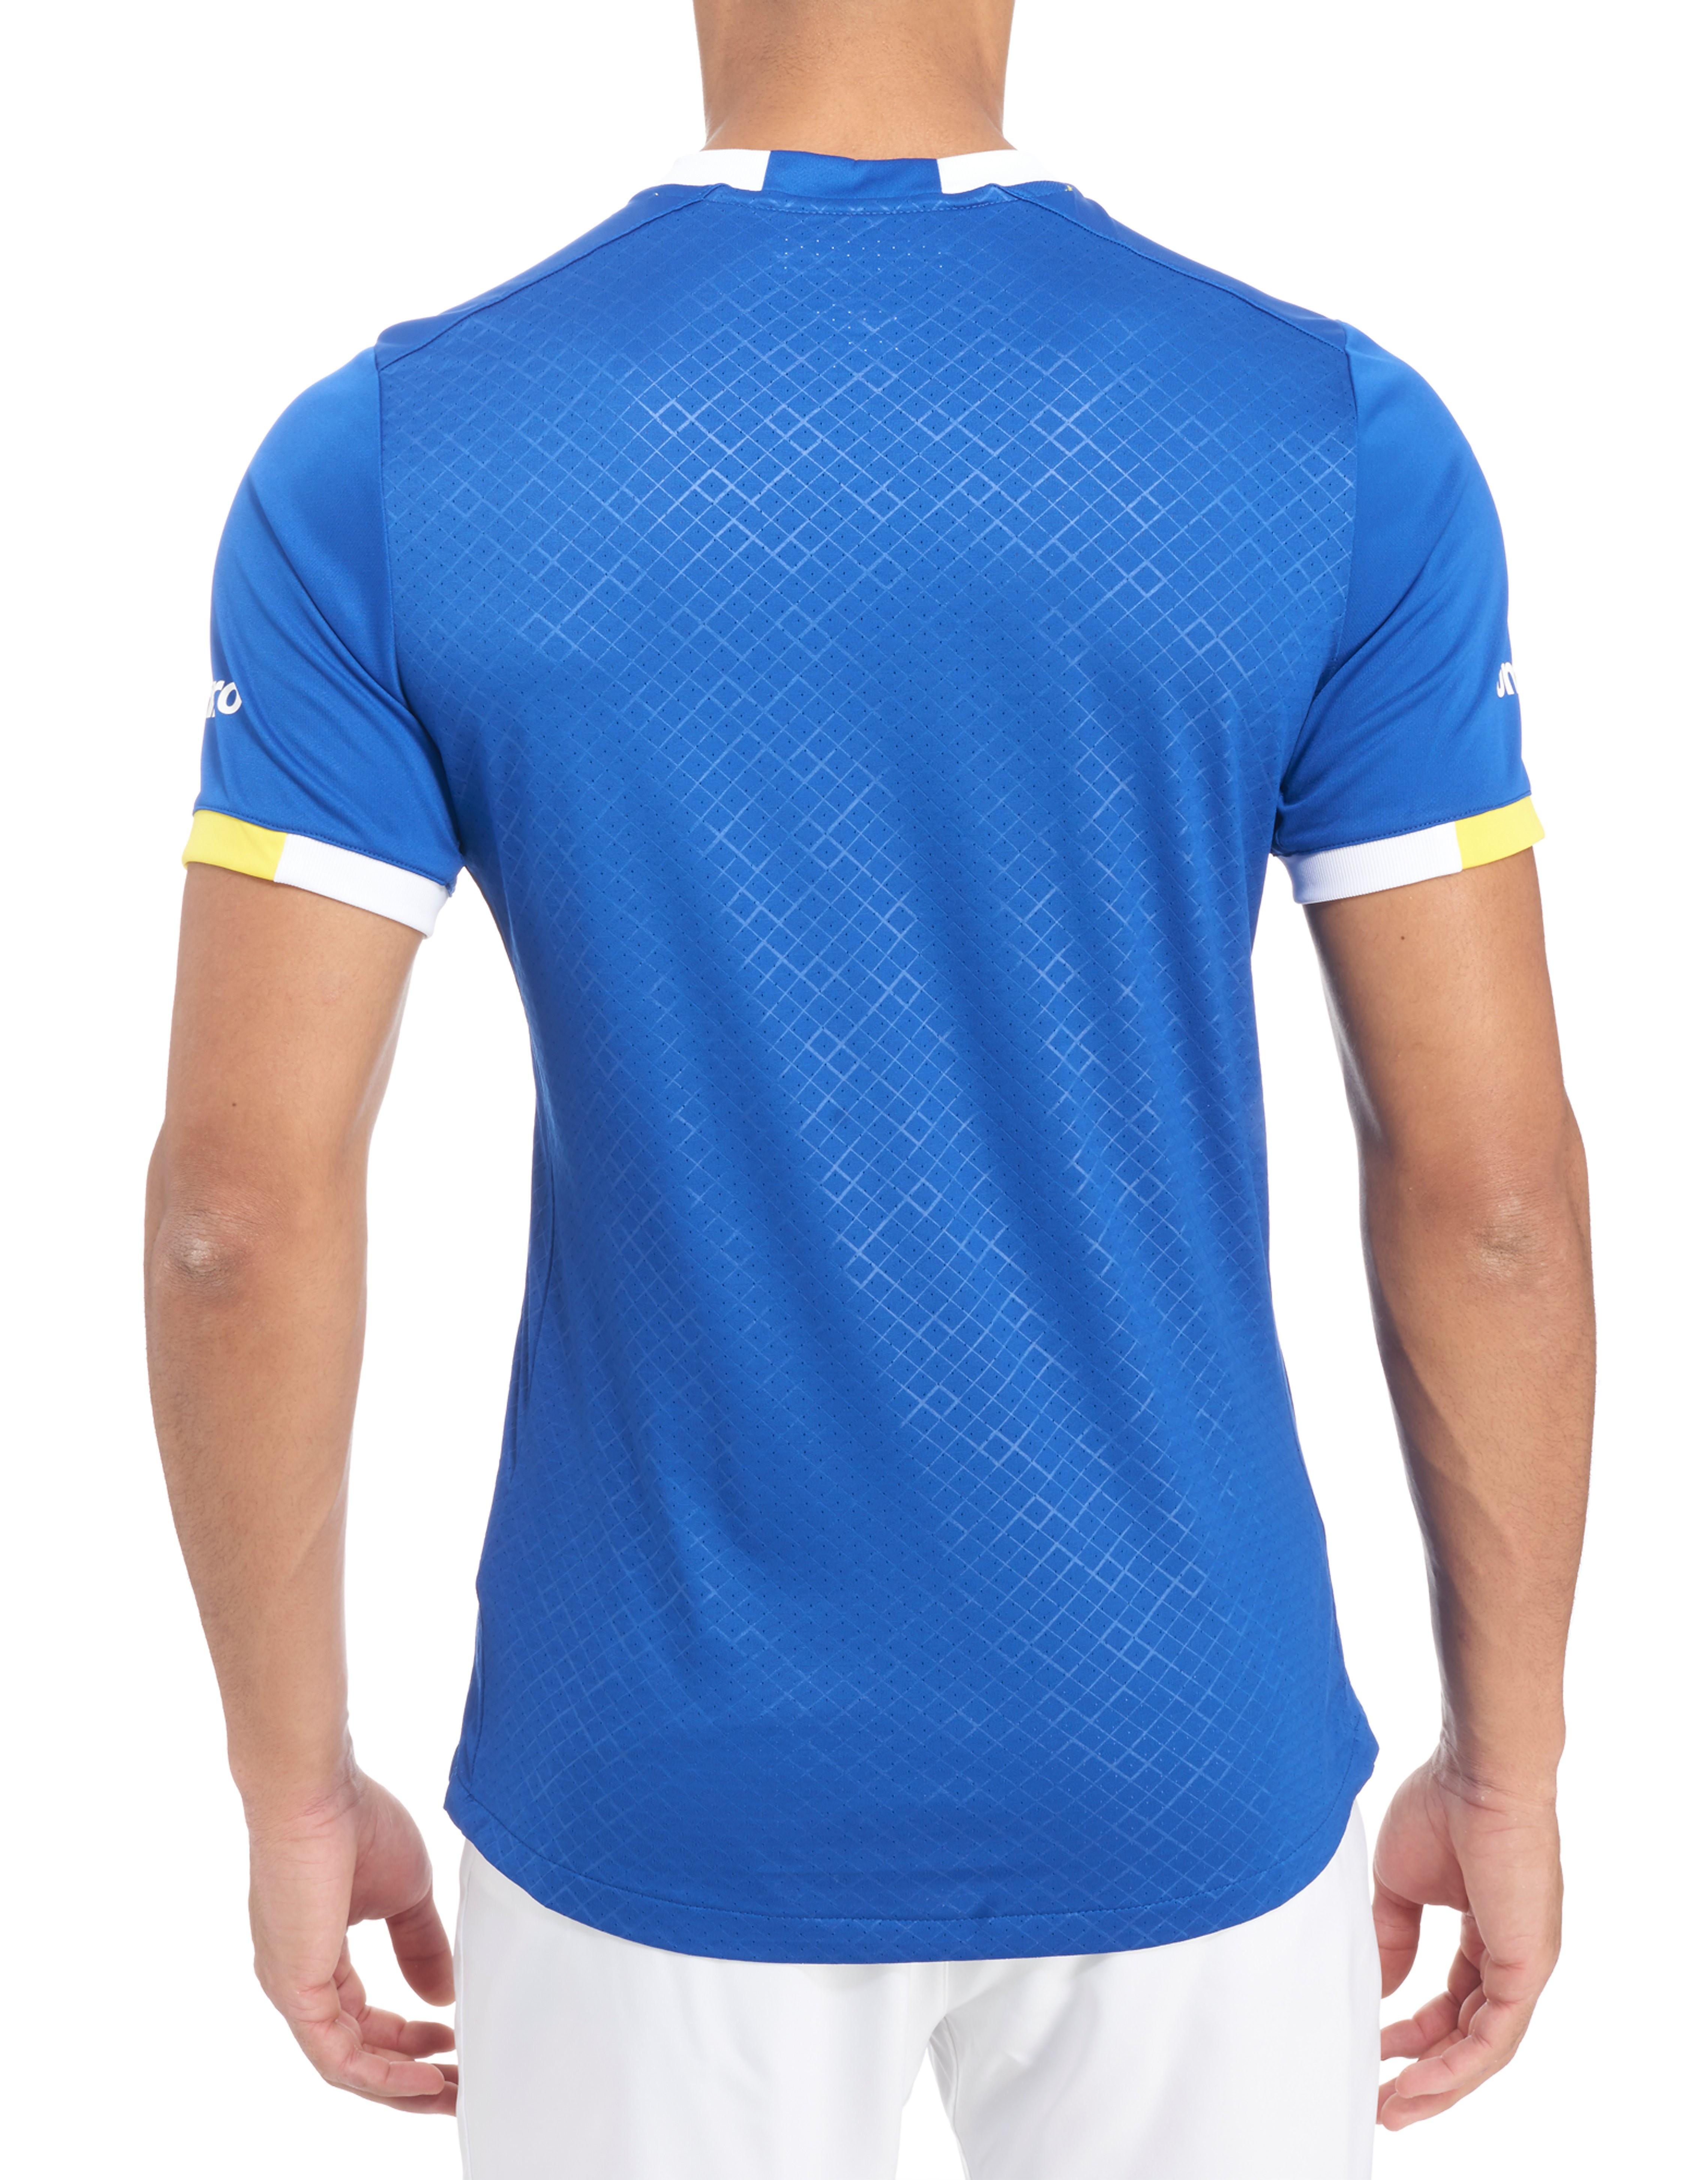 Umbro Everton FC 2016/17 Home Shirt